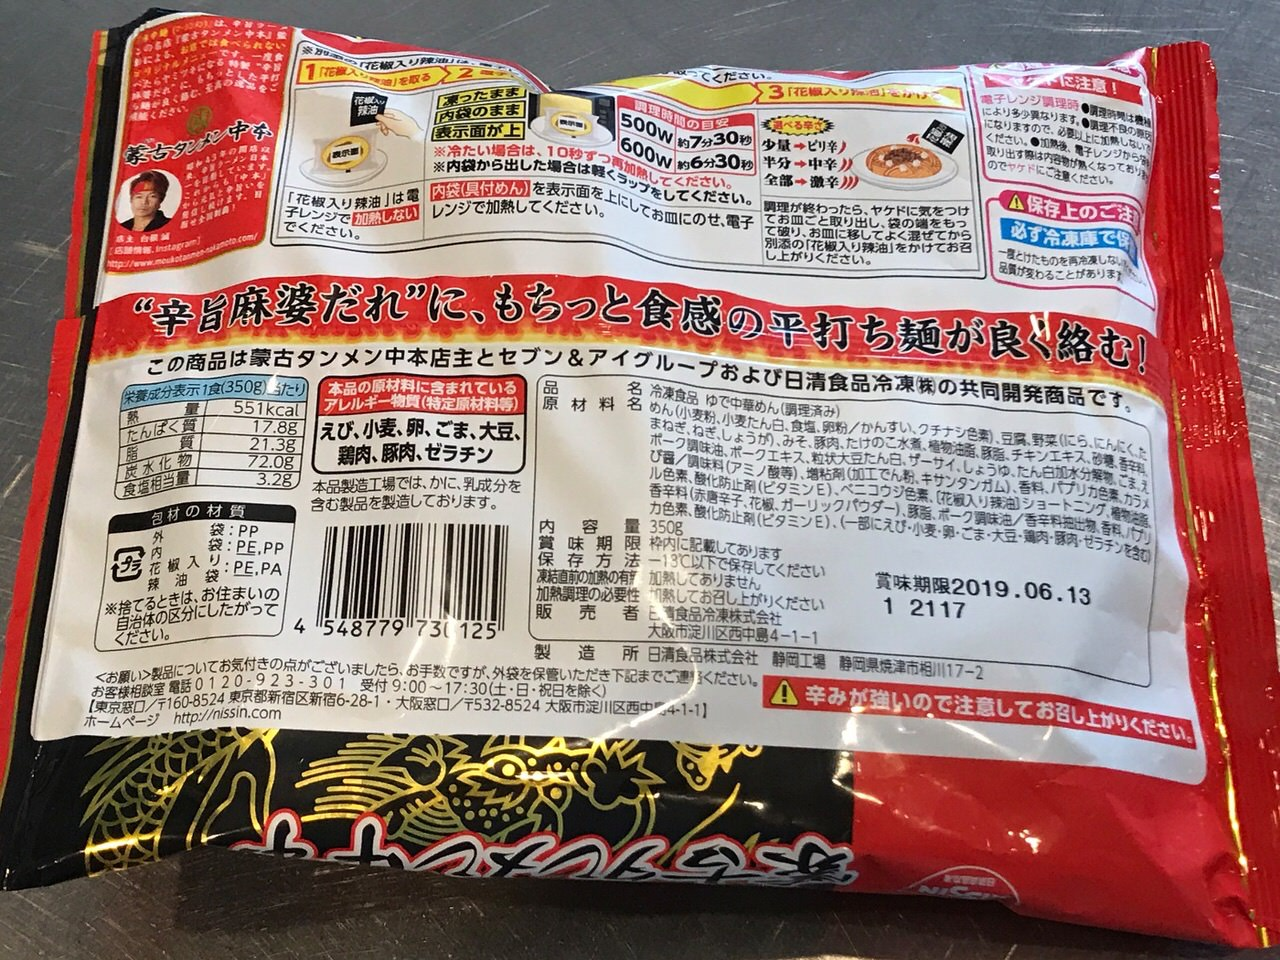 蒙古タンメン中本 汁なし麻辣麺 03